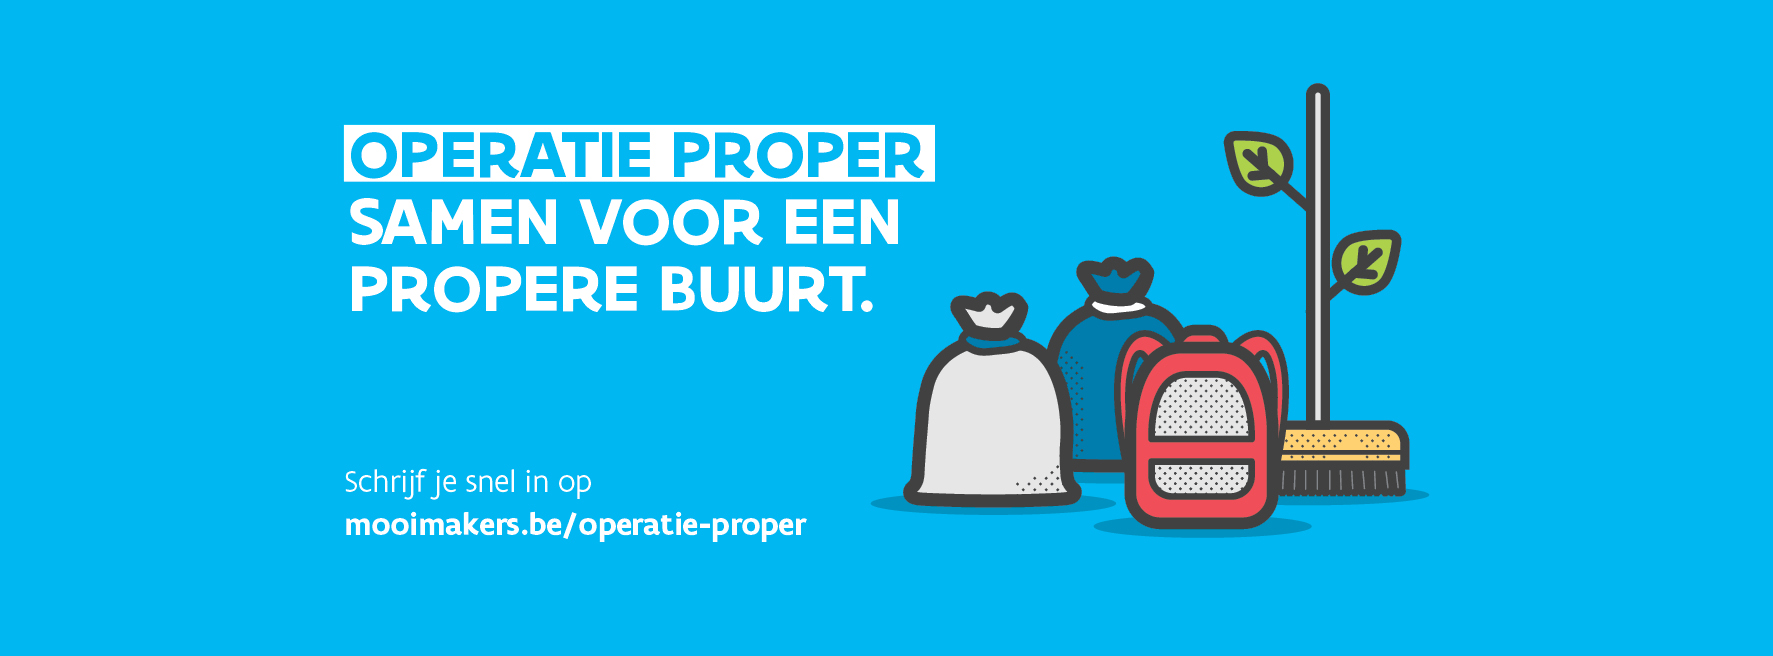 Operatie Proper Header Facebook